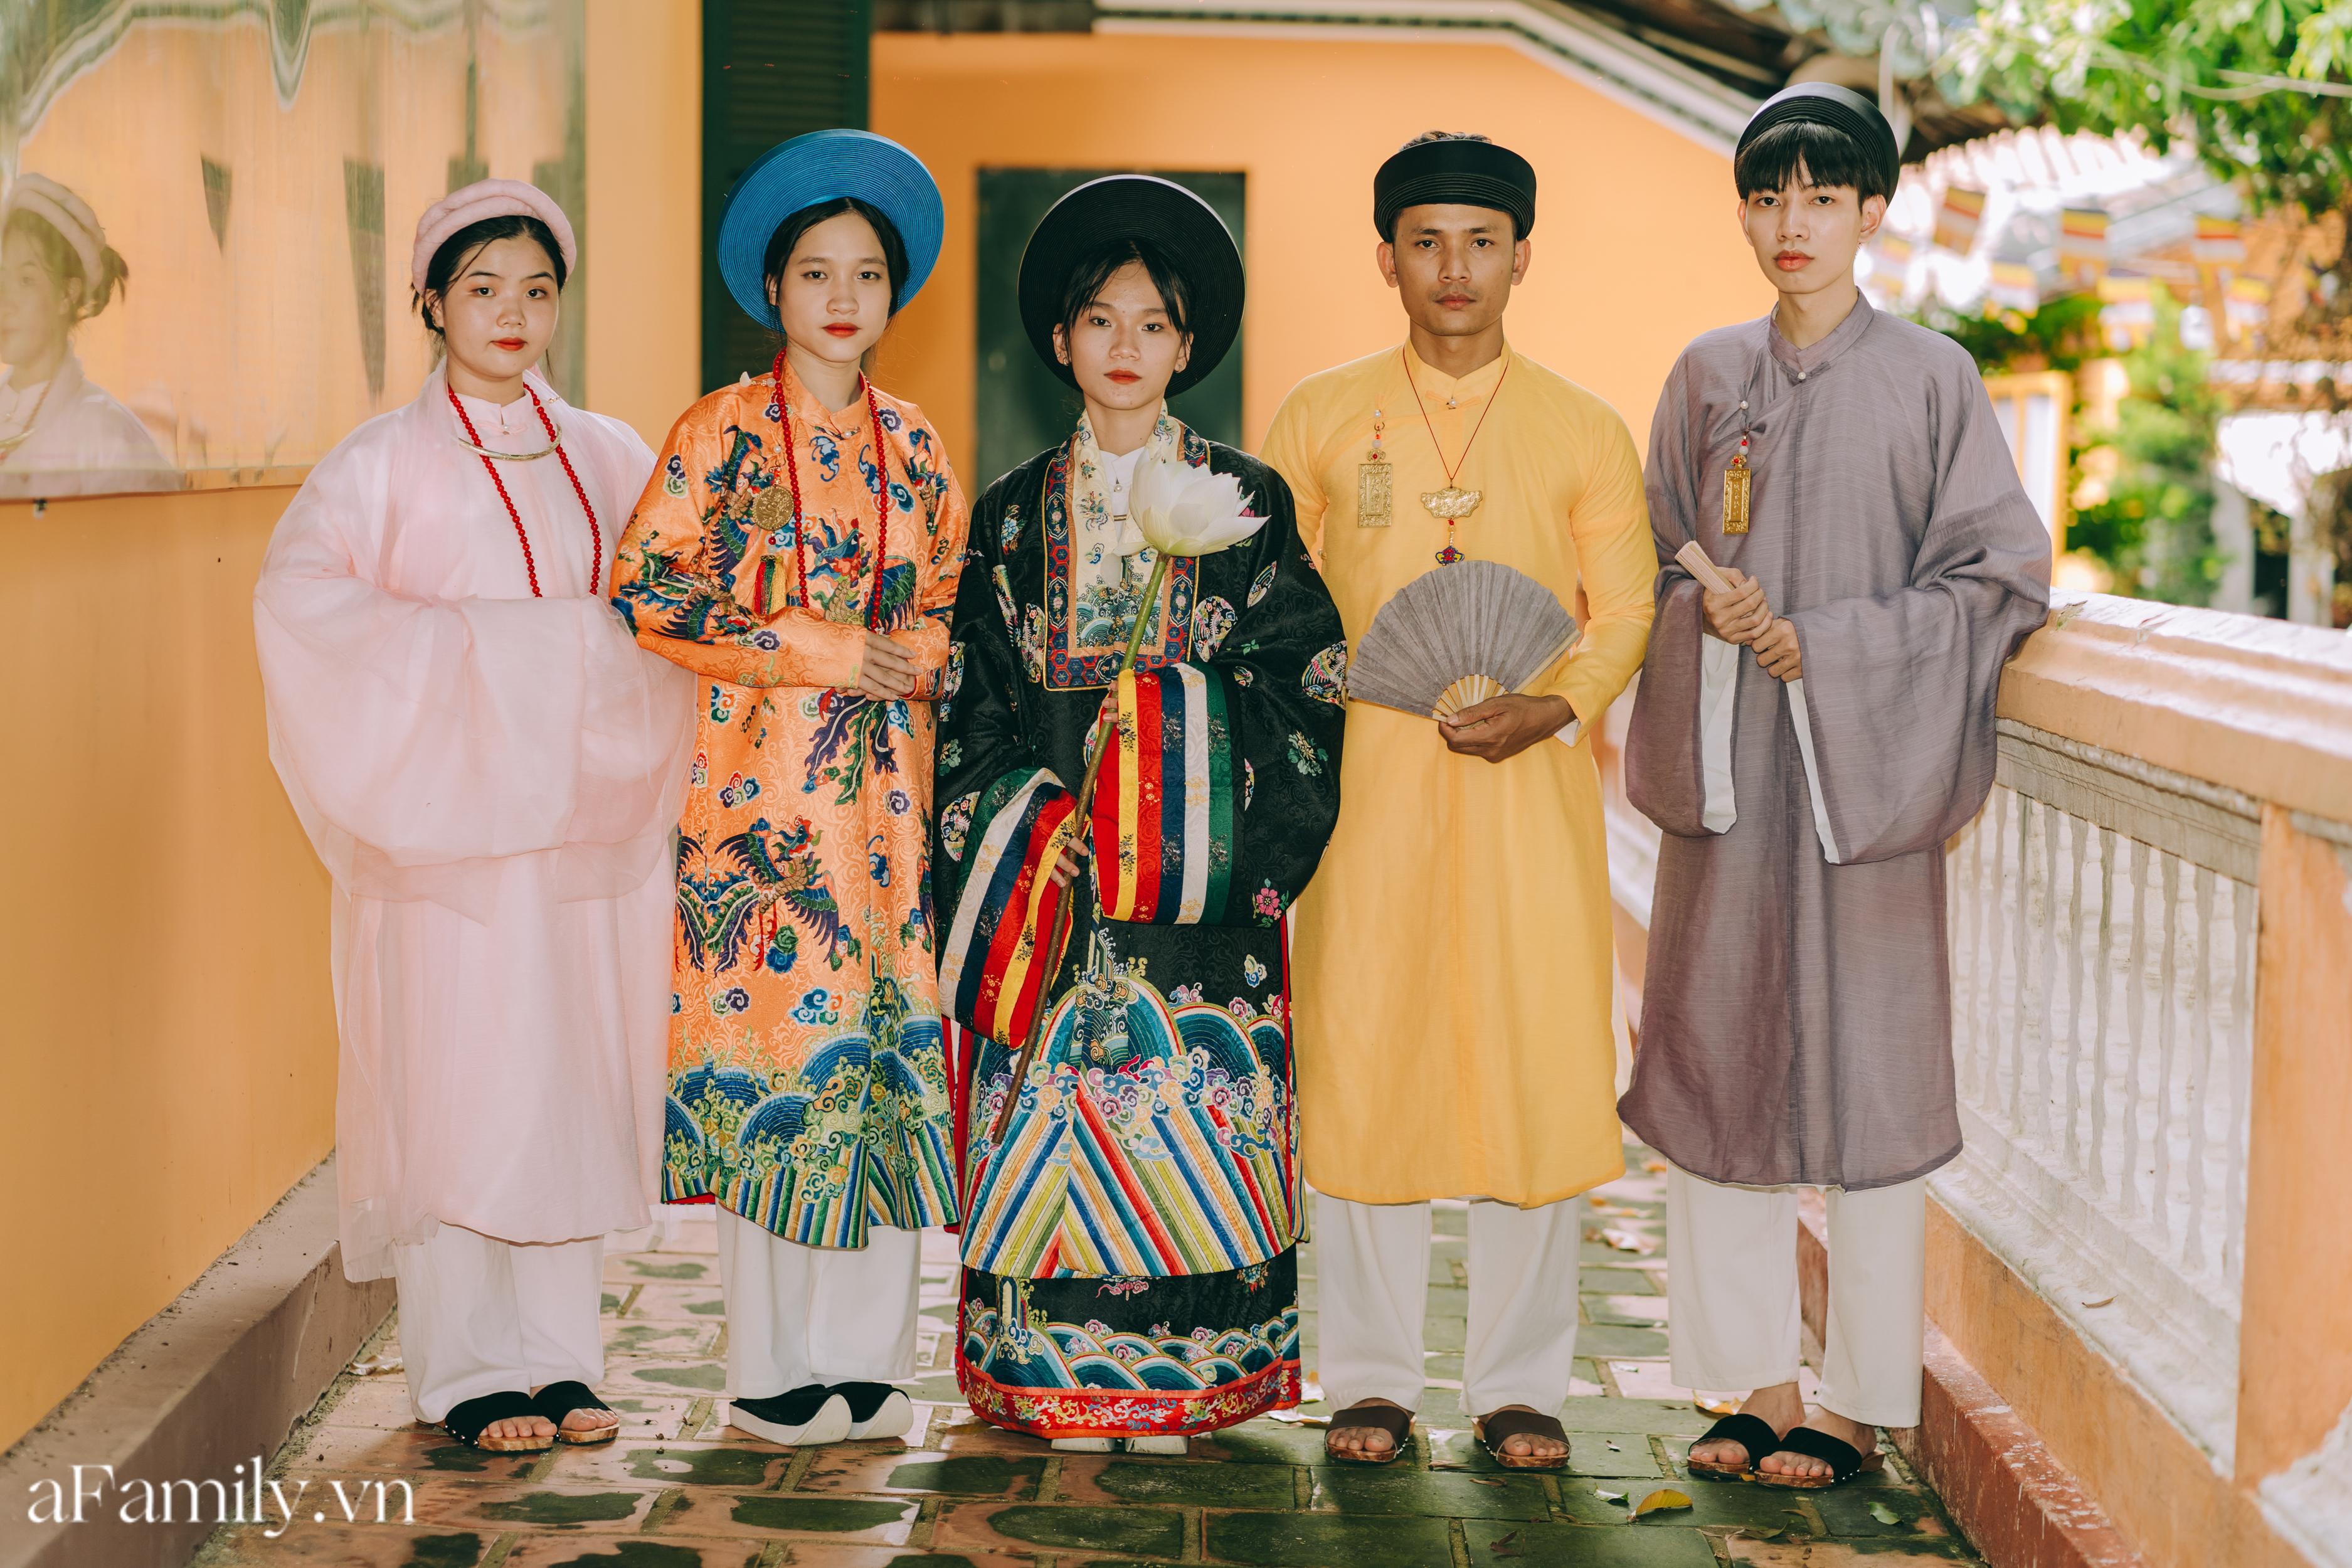 """Nhóm học sinh cấp 3 tìm về nét đẹp truyền thống, diện nguyên dàn cổ phục Việt chụp ảnh kỷ yếu, nhanh chóng thành tạo """"hot trend"""" trên mạng xã hội - Ảnh 6."""